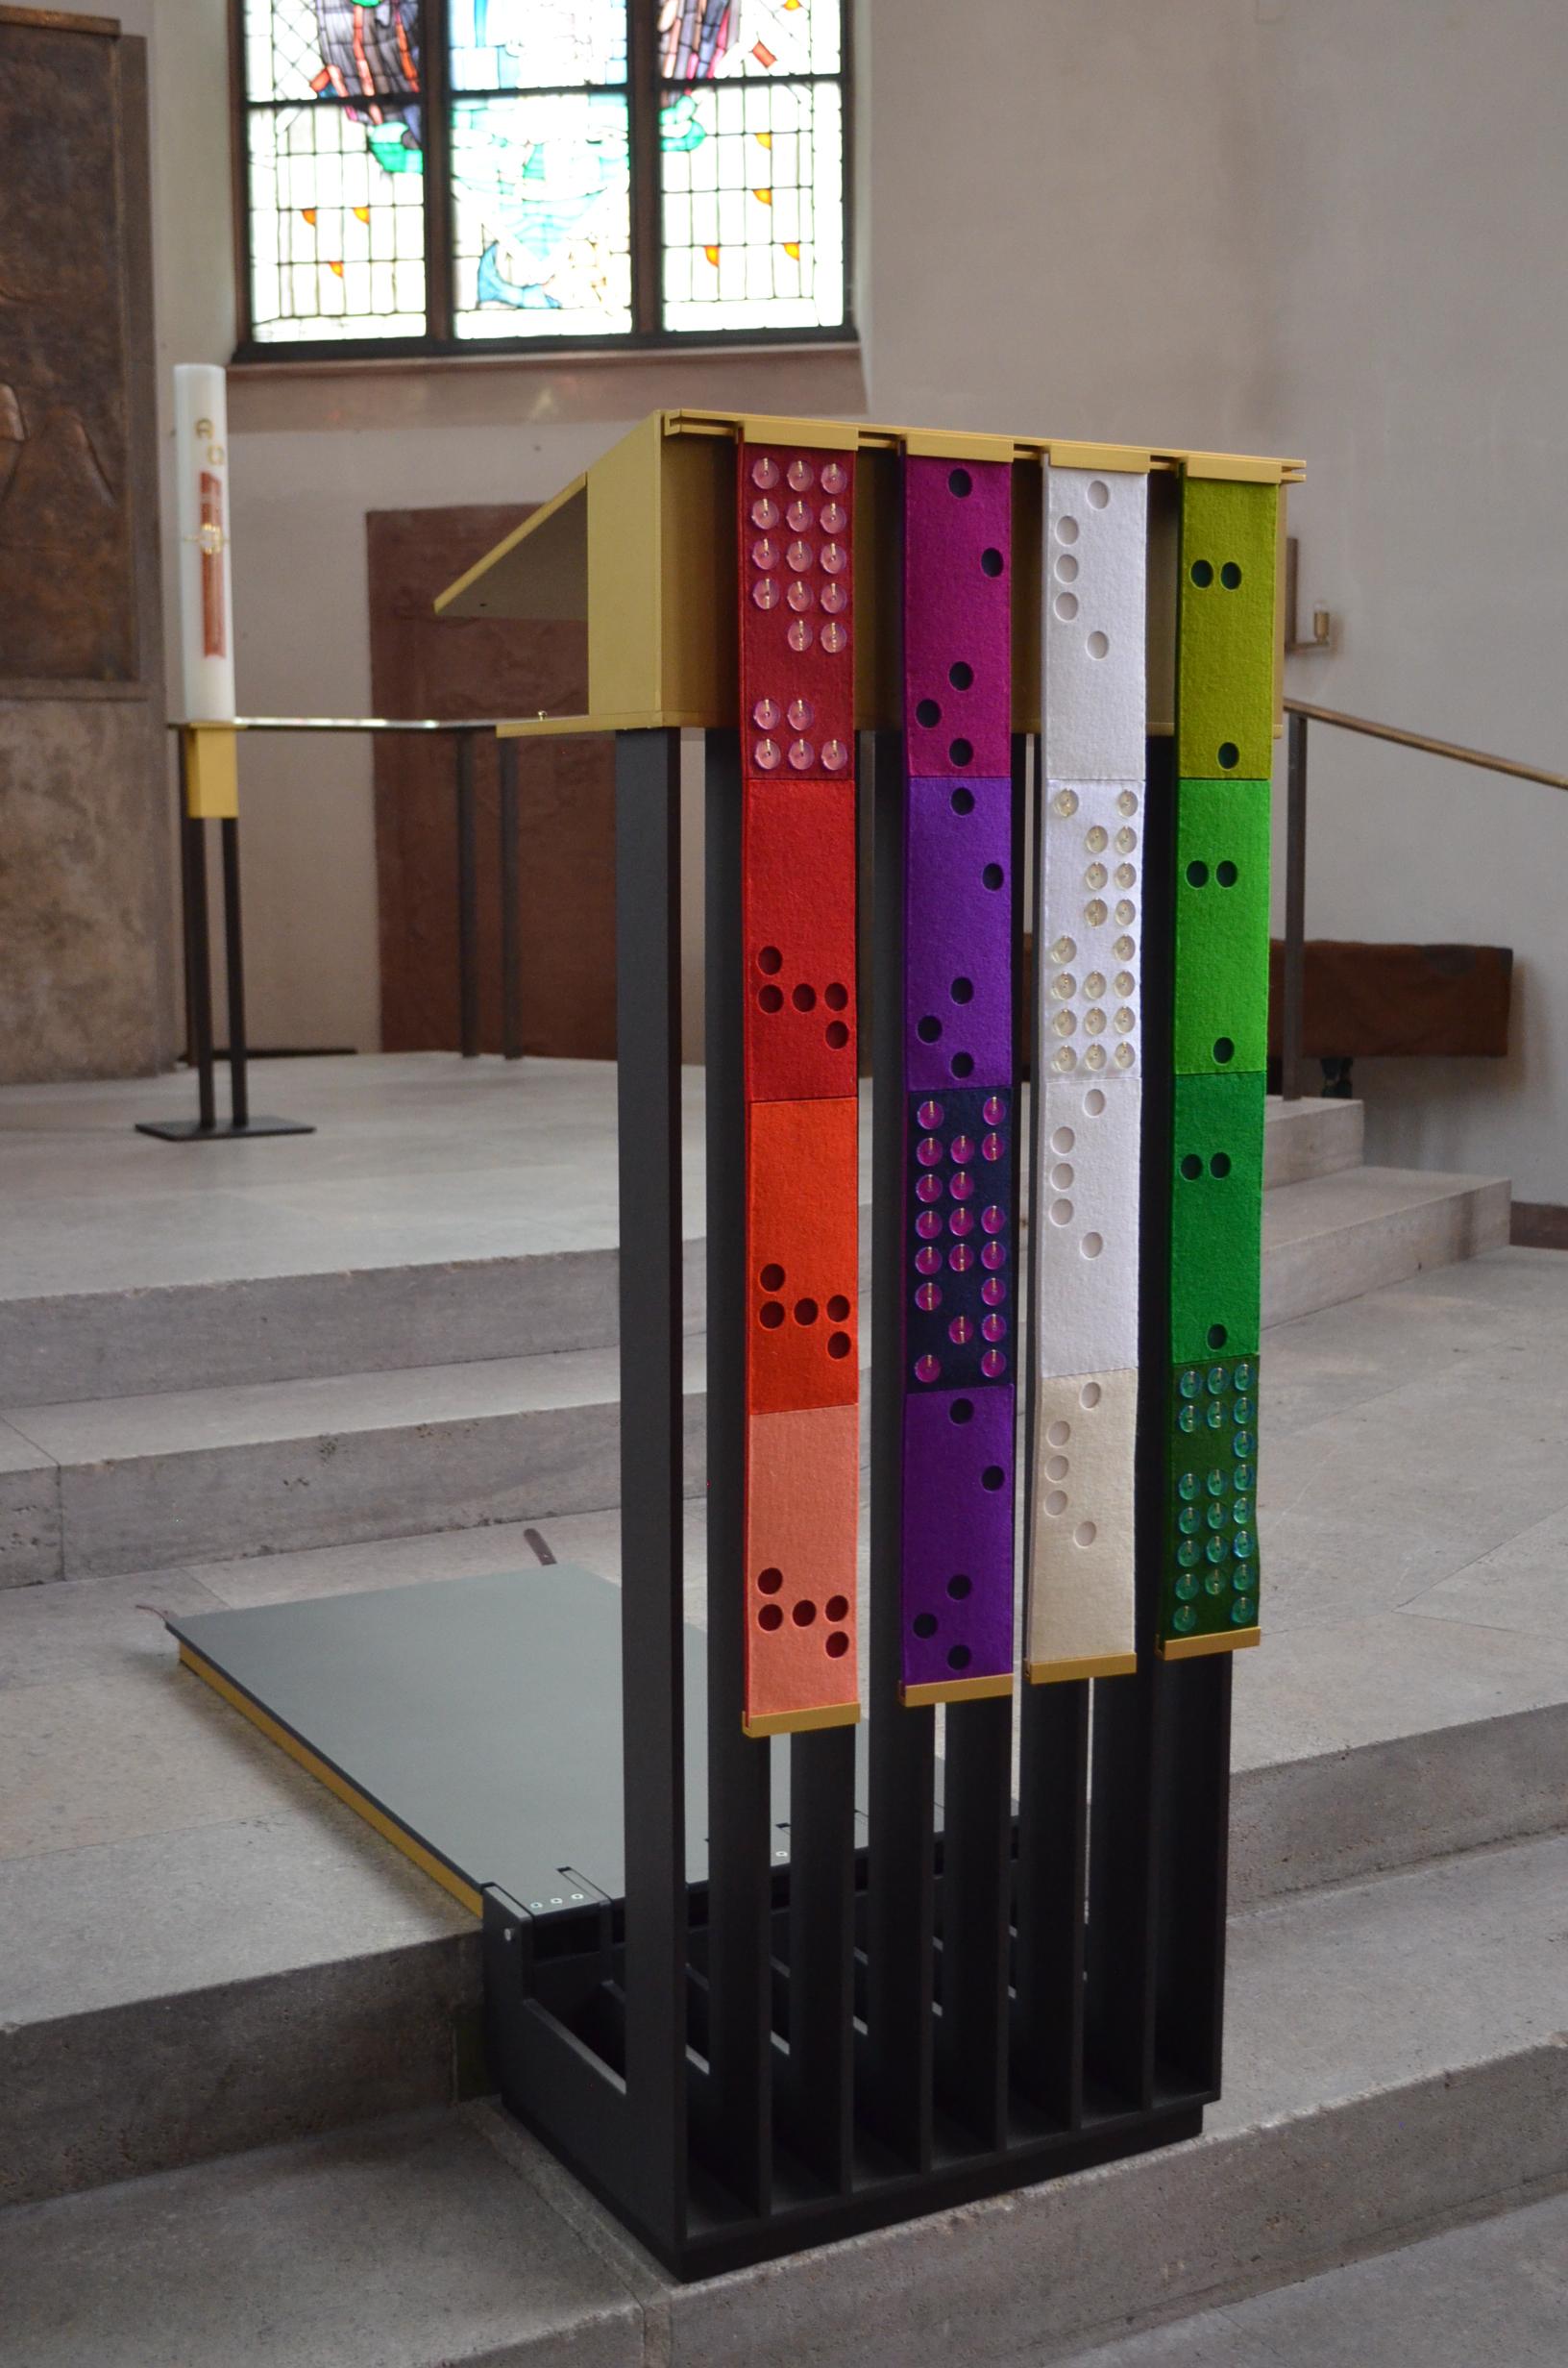 wiedereintrittsstelle katholische kirche